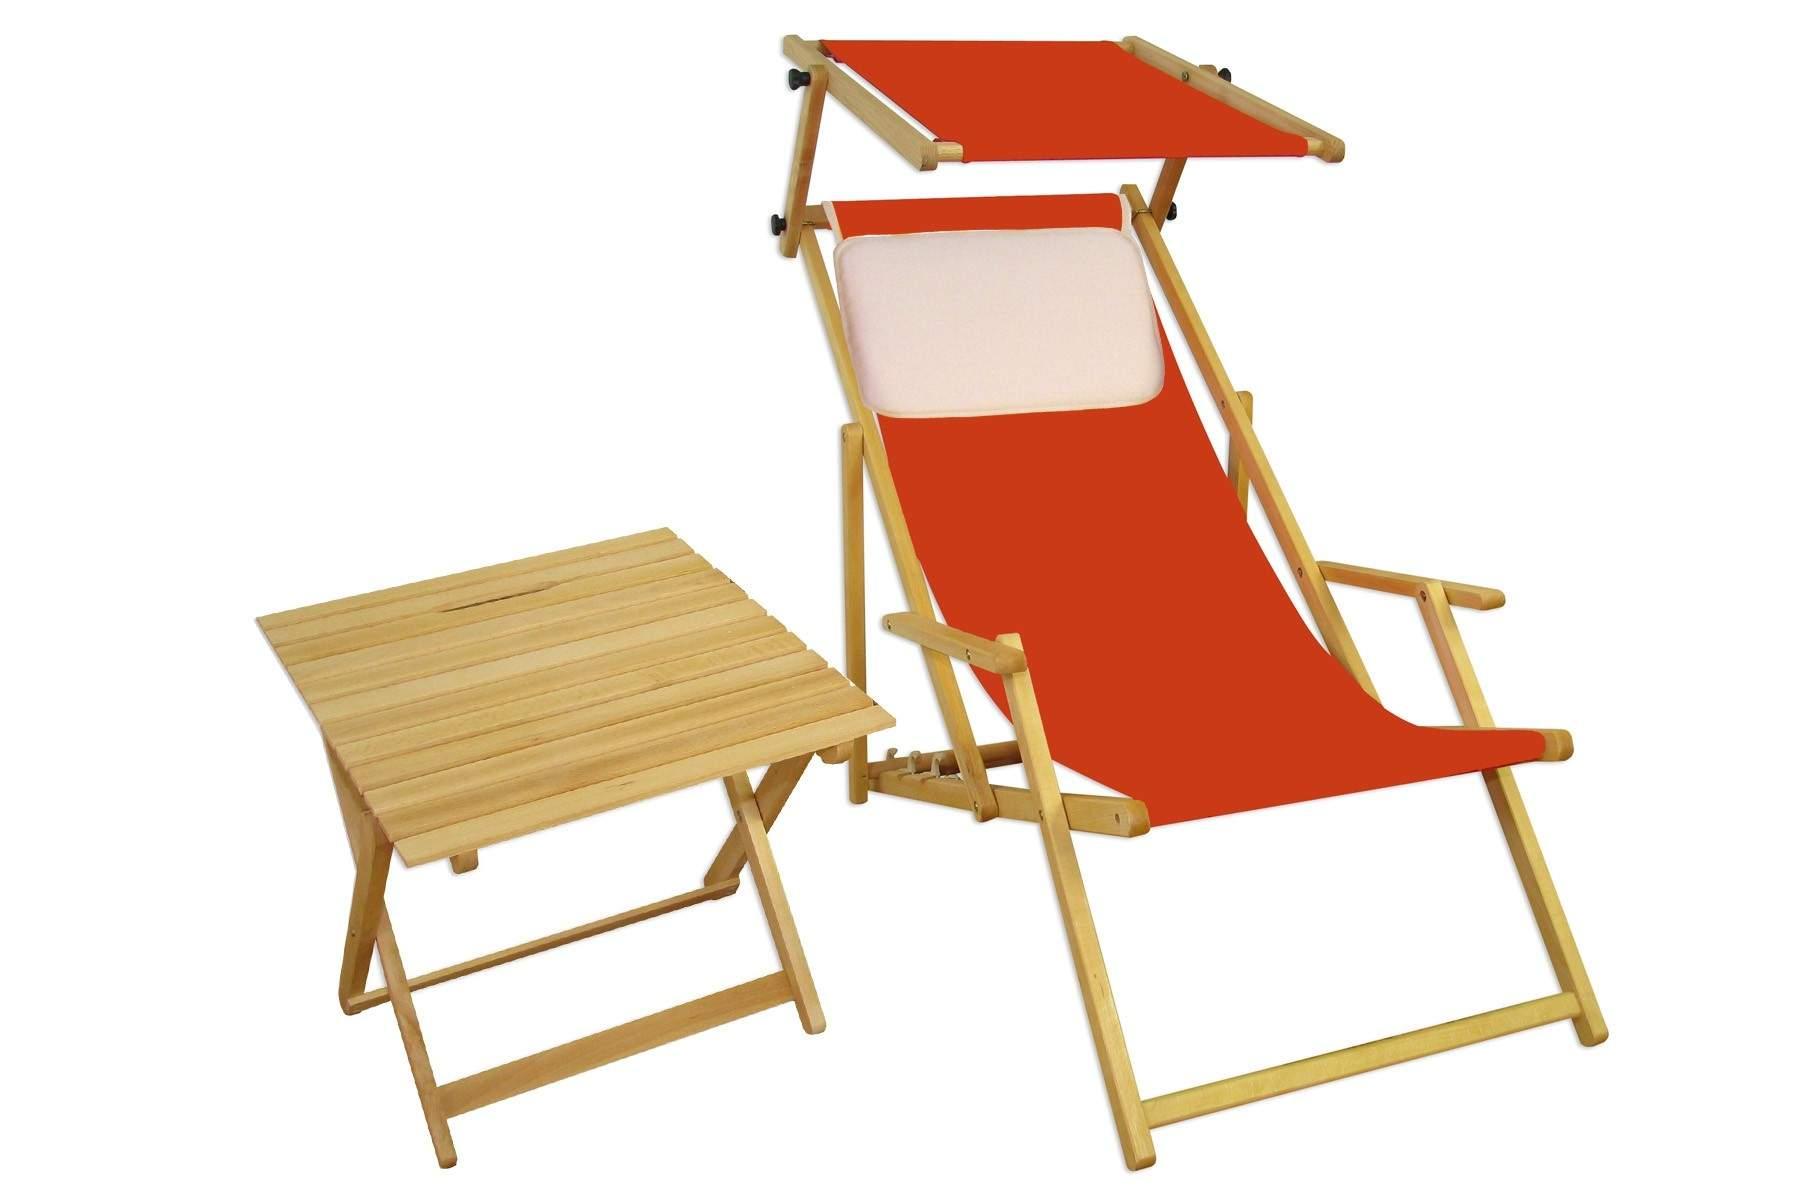 Liegestuhl Garten Inspirierend Liegestuhl Terracotta Gartenliege Strandliege sonnendach Tisch Kissen Buche Hell 10 309nstkh